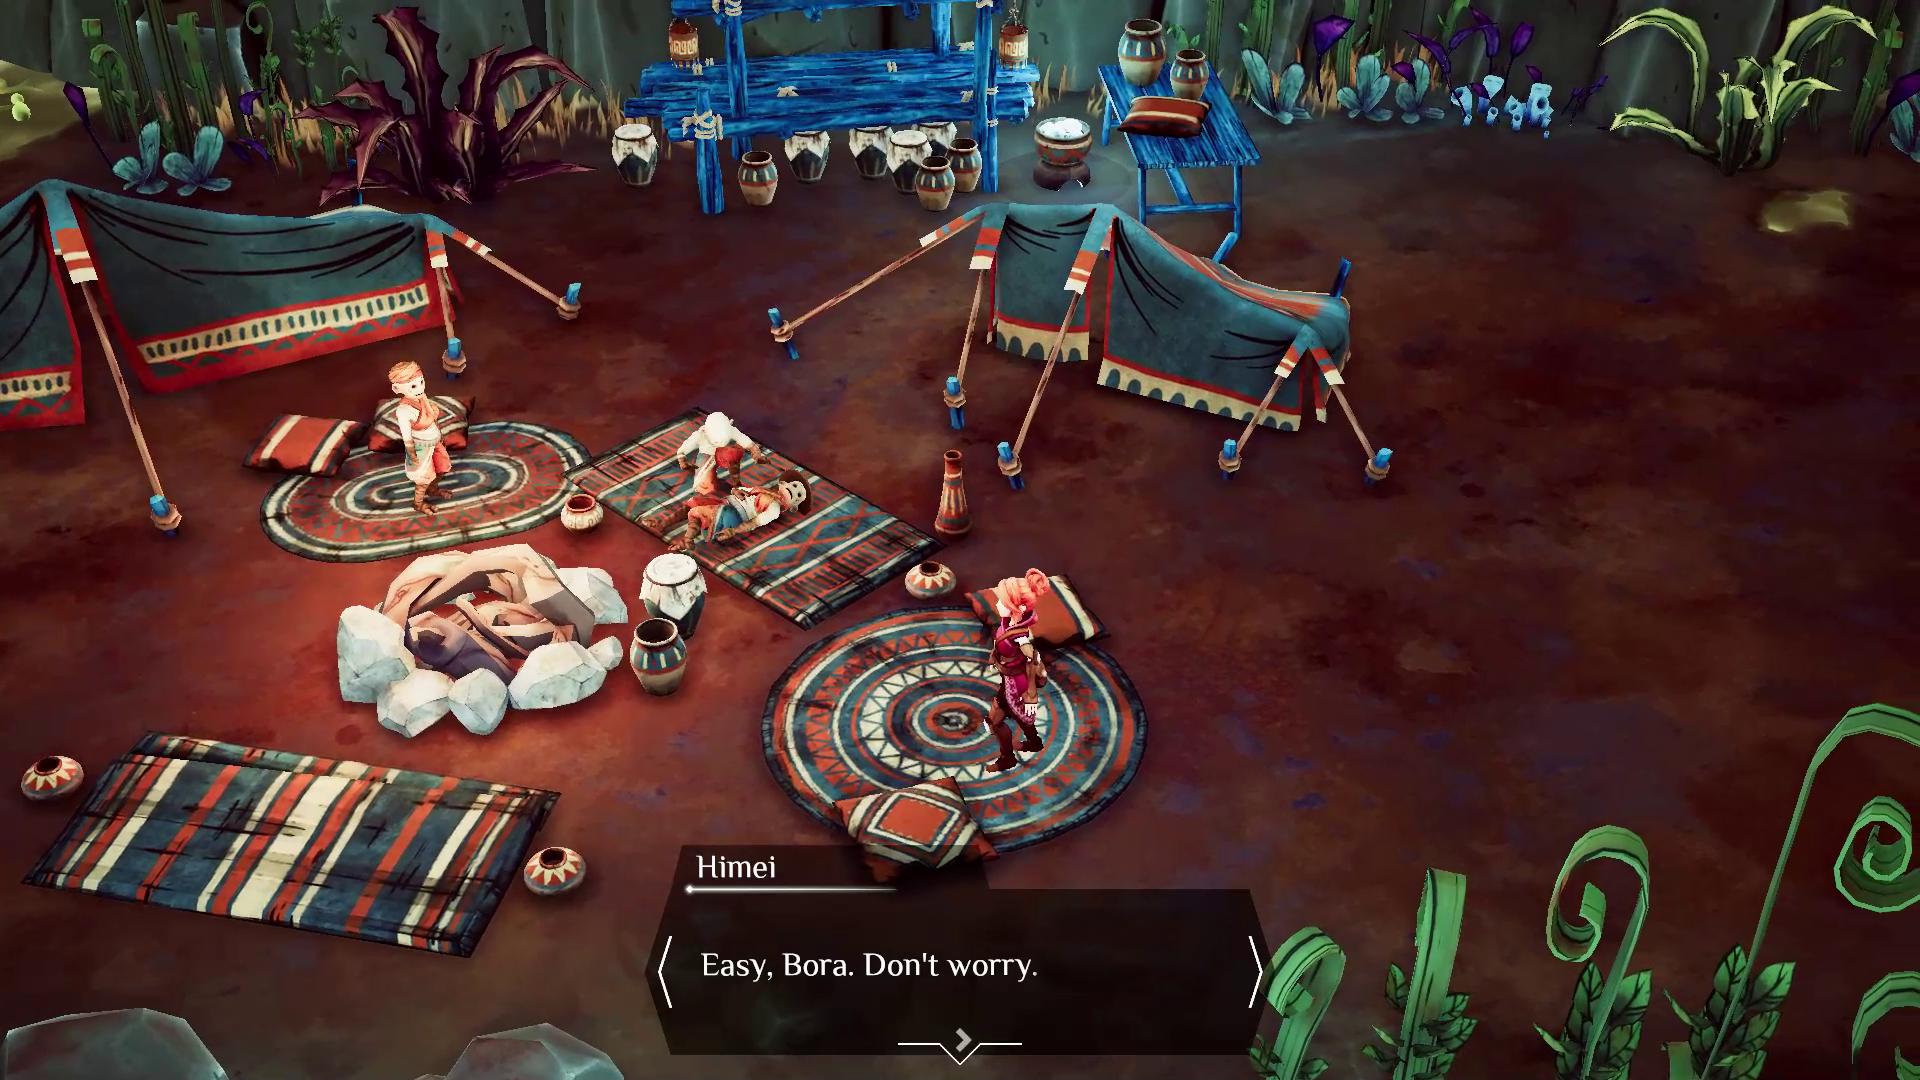 Por sorte, a direção de arte melhora drasticamente em partes posteriores do jogo. Fonte: Divulgação / Fishing Cactus